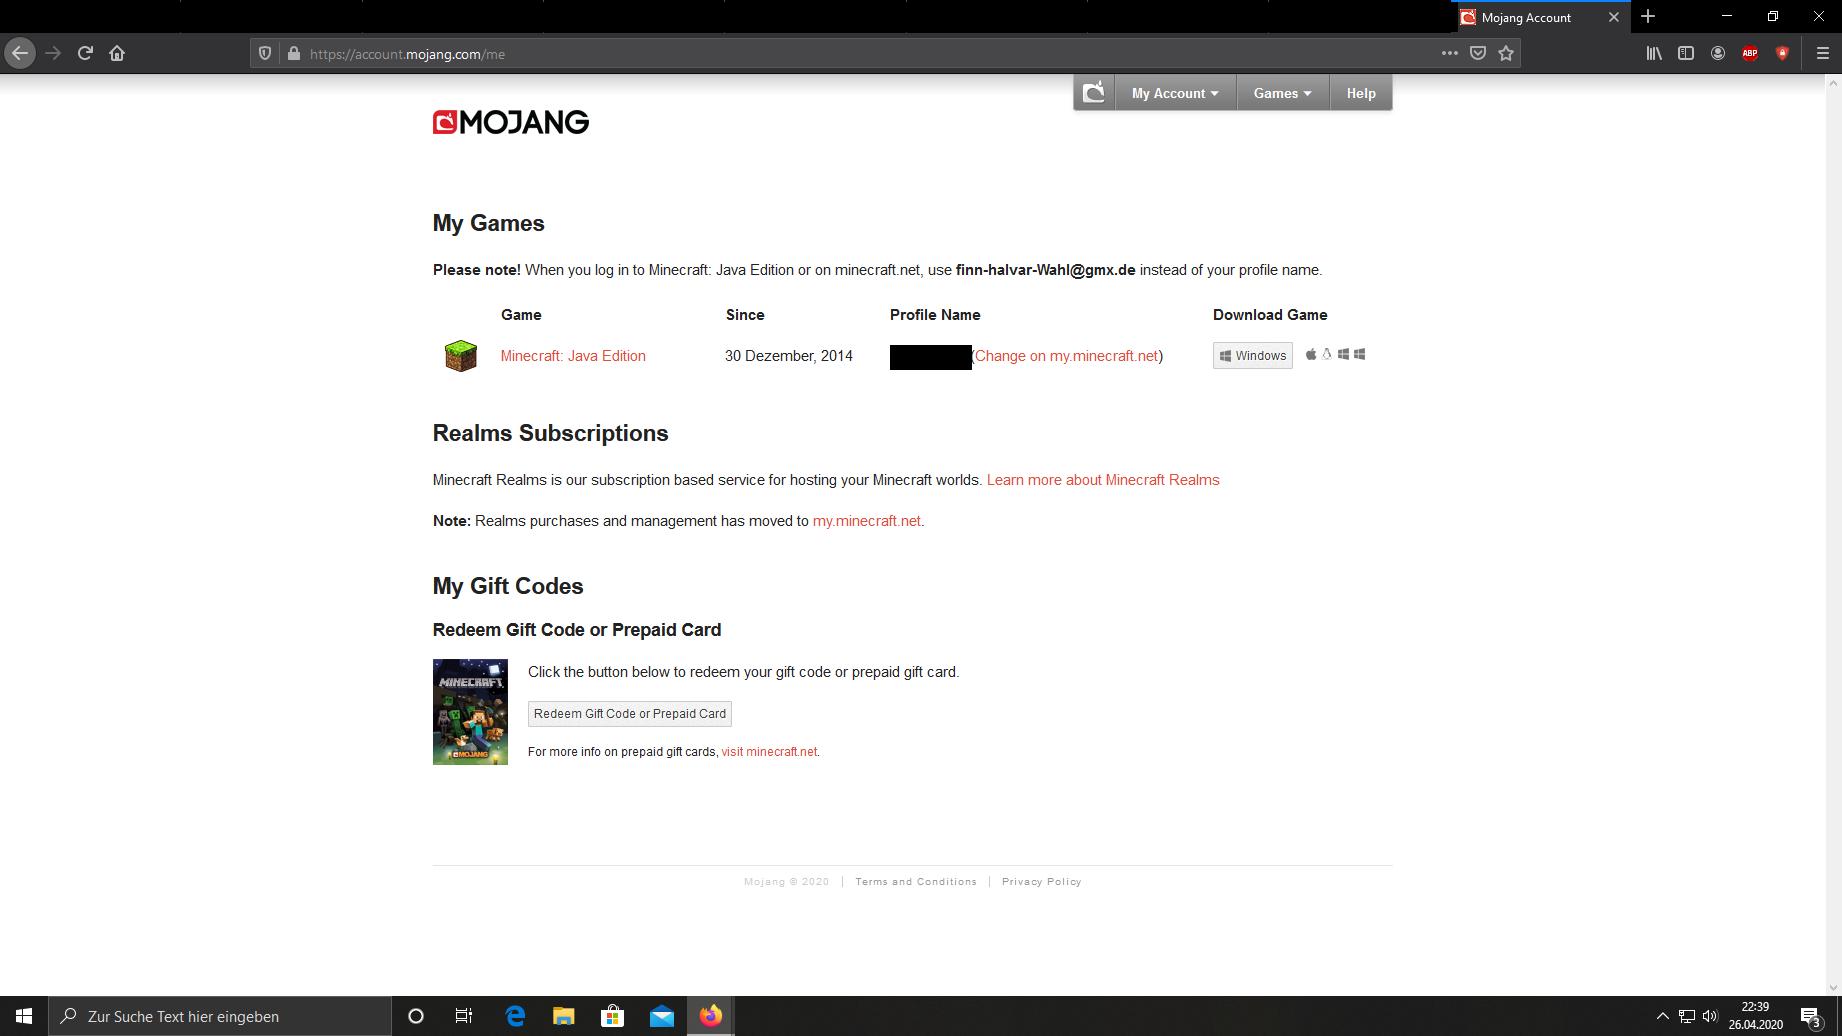 Ich kann meinen Minecraft Windows 10 Code auf Mojang nicht finden